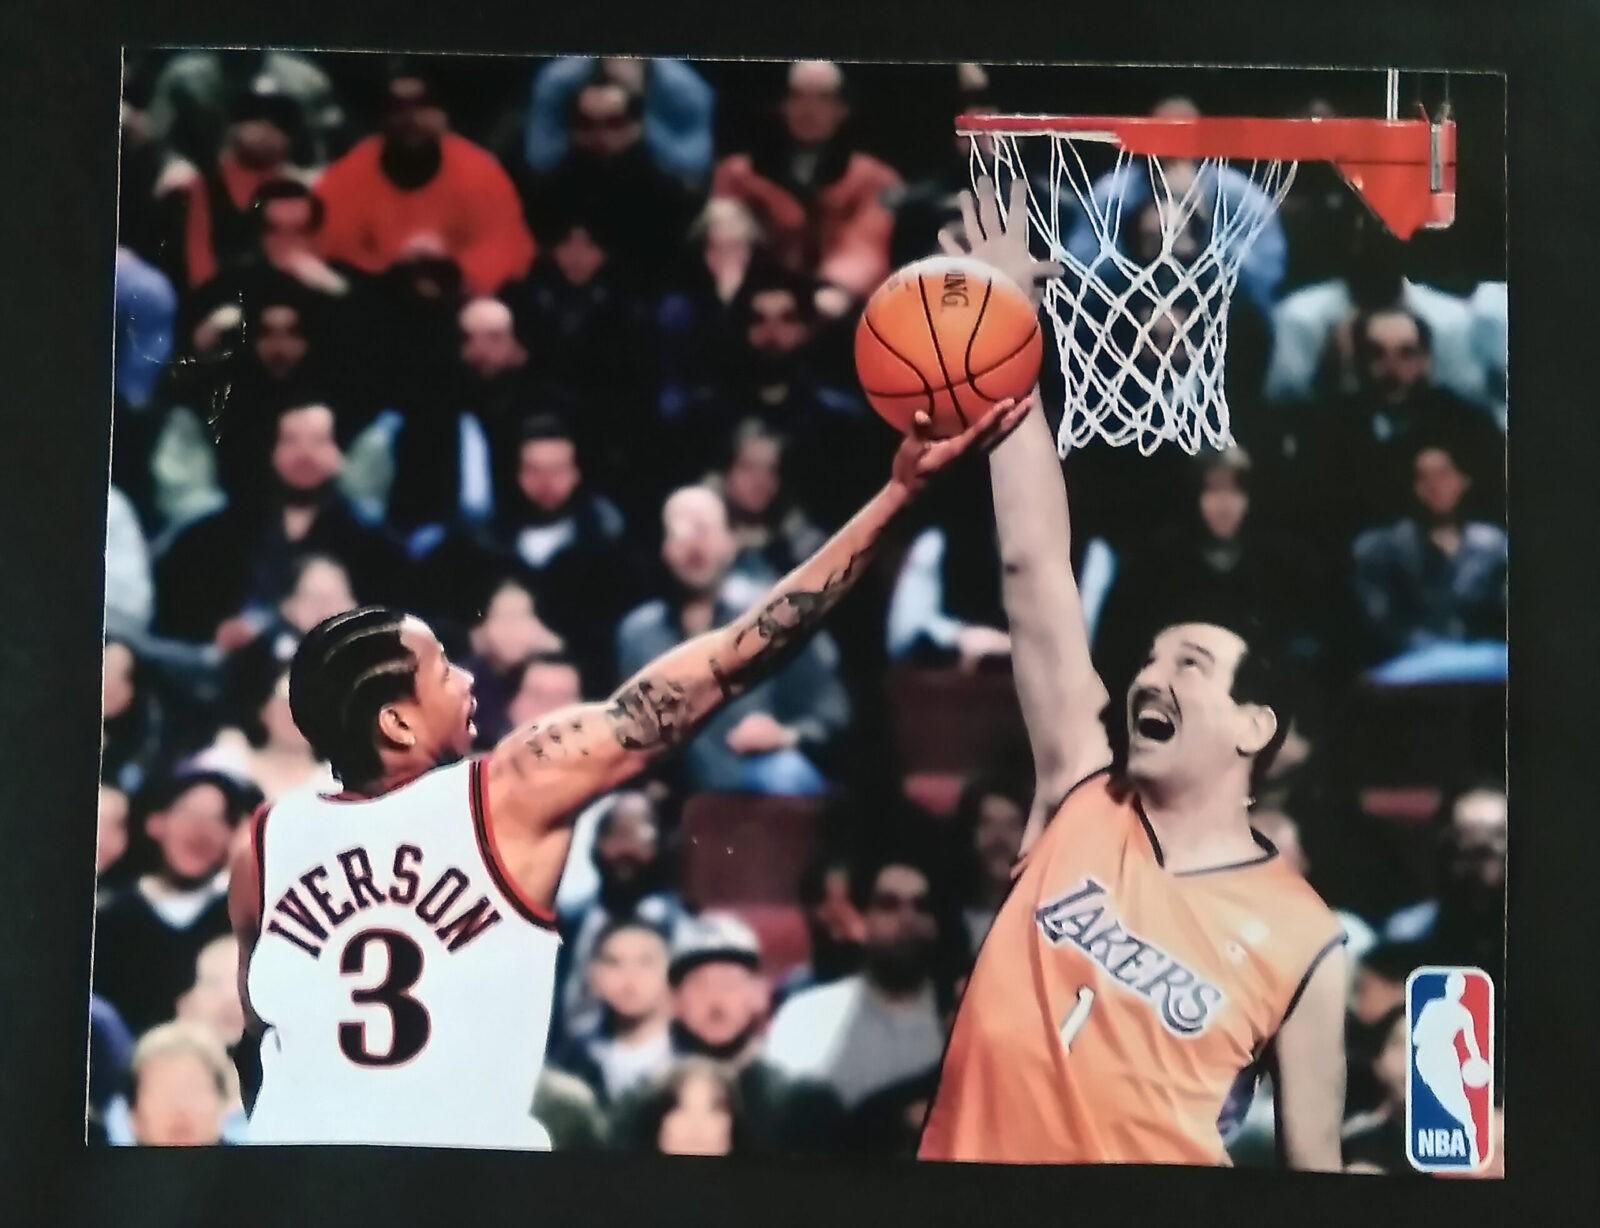 Bill Greguska vs Alan Iverson Basketball